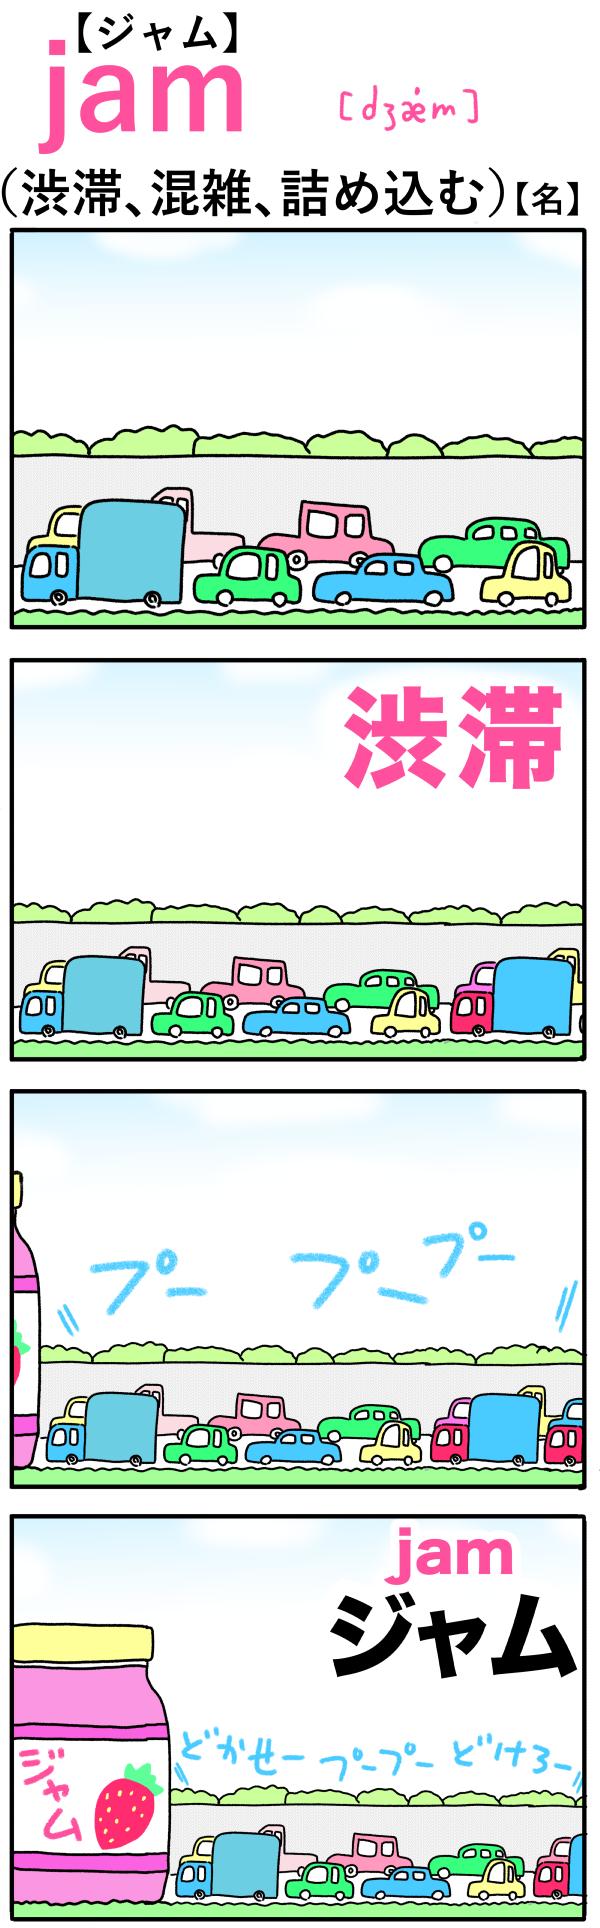 jam(渋滞、混雑、詰め込む)の語呂合わせ英単語